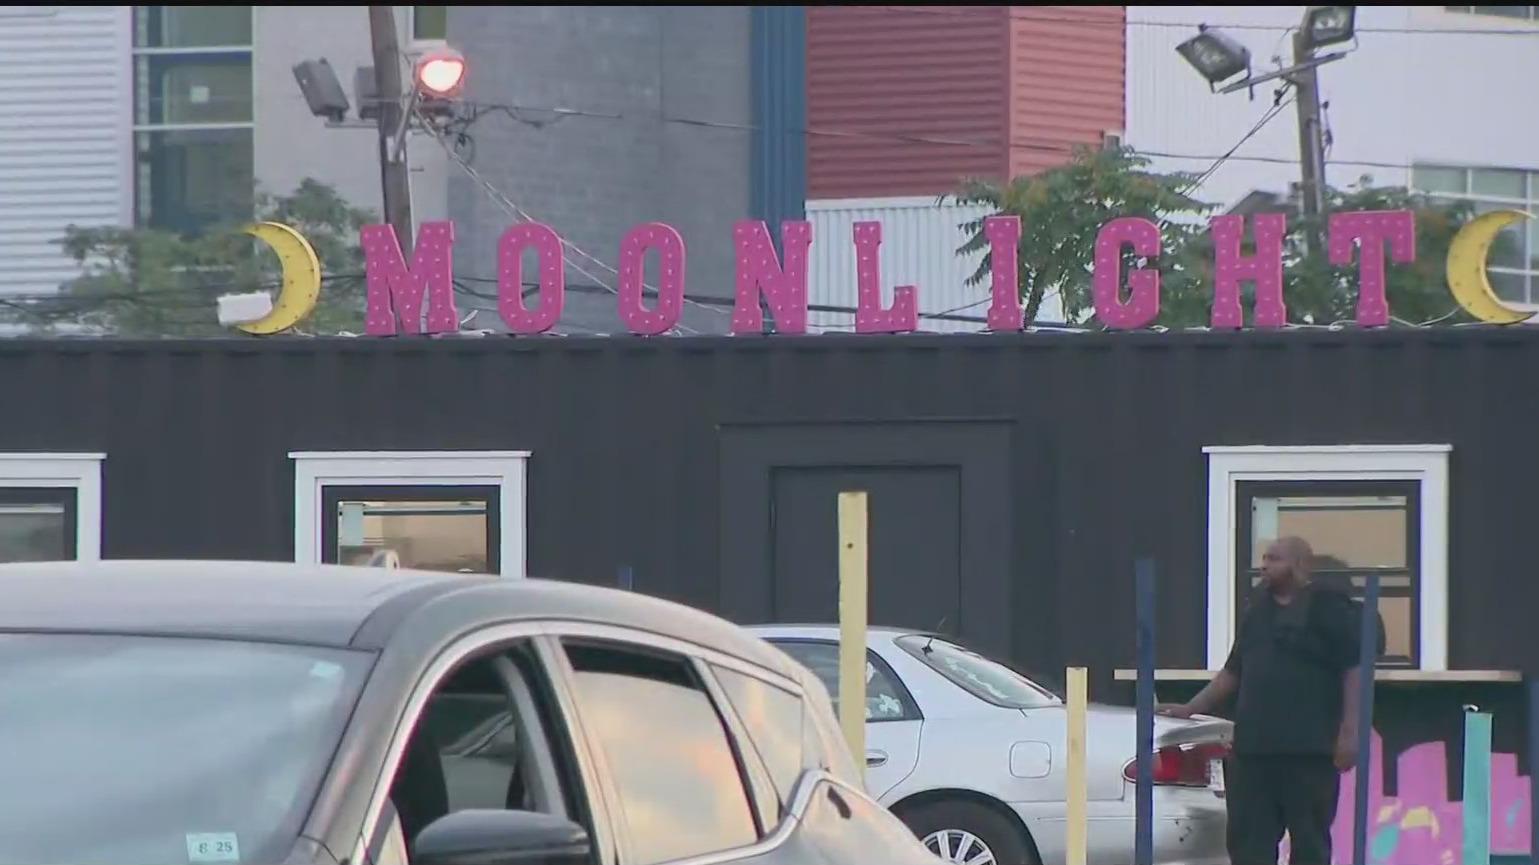 Newark Moonlight Cinema